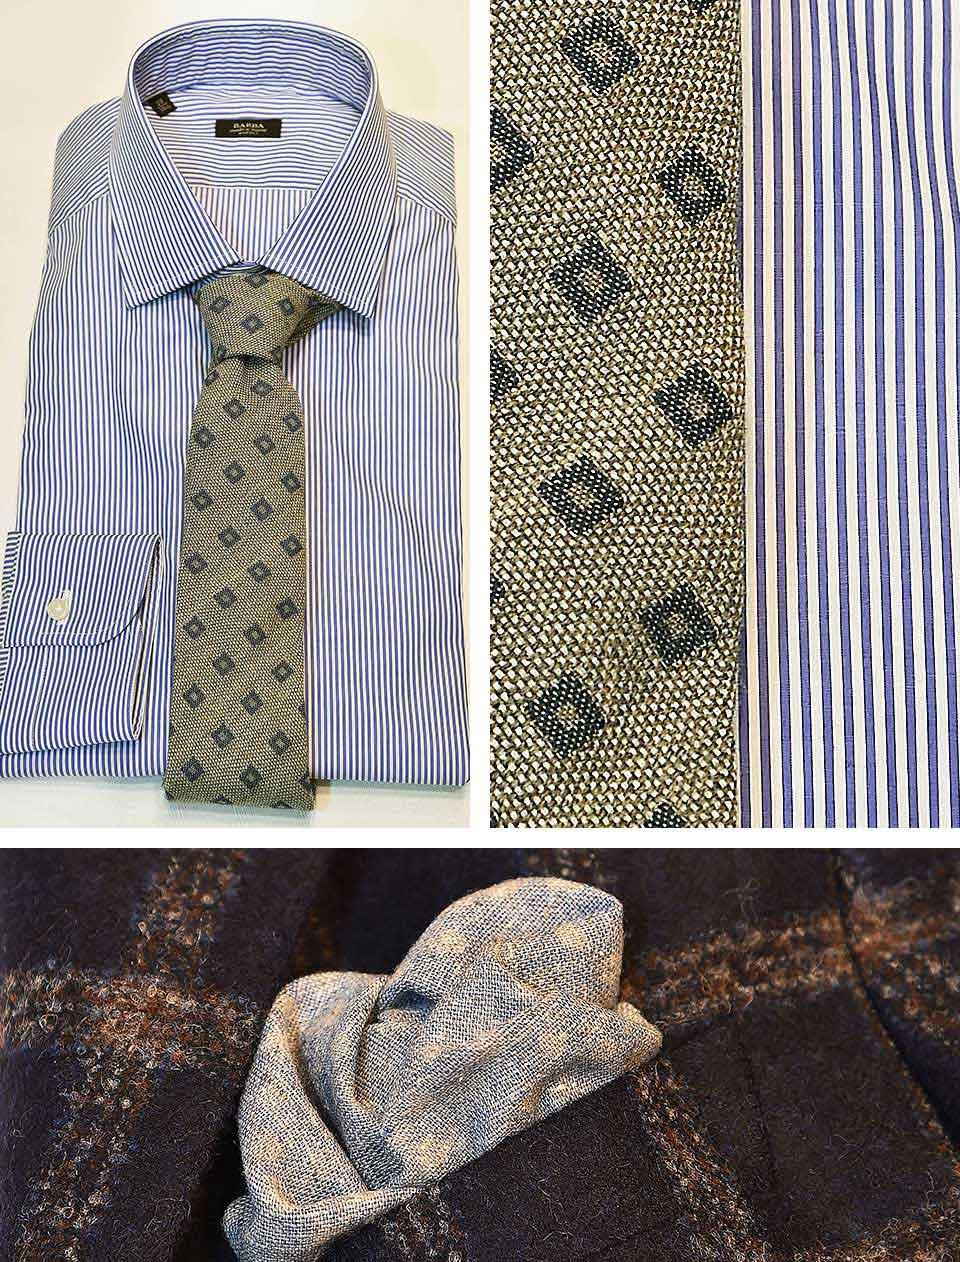 camicia-e-cravatta-eredi-chiarini